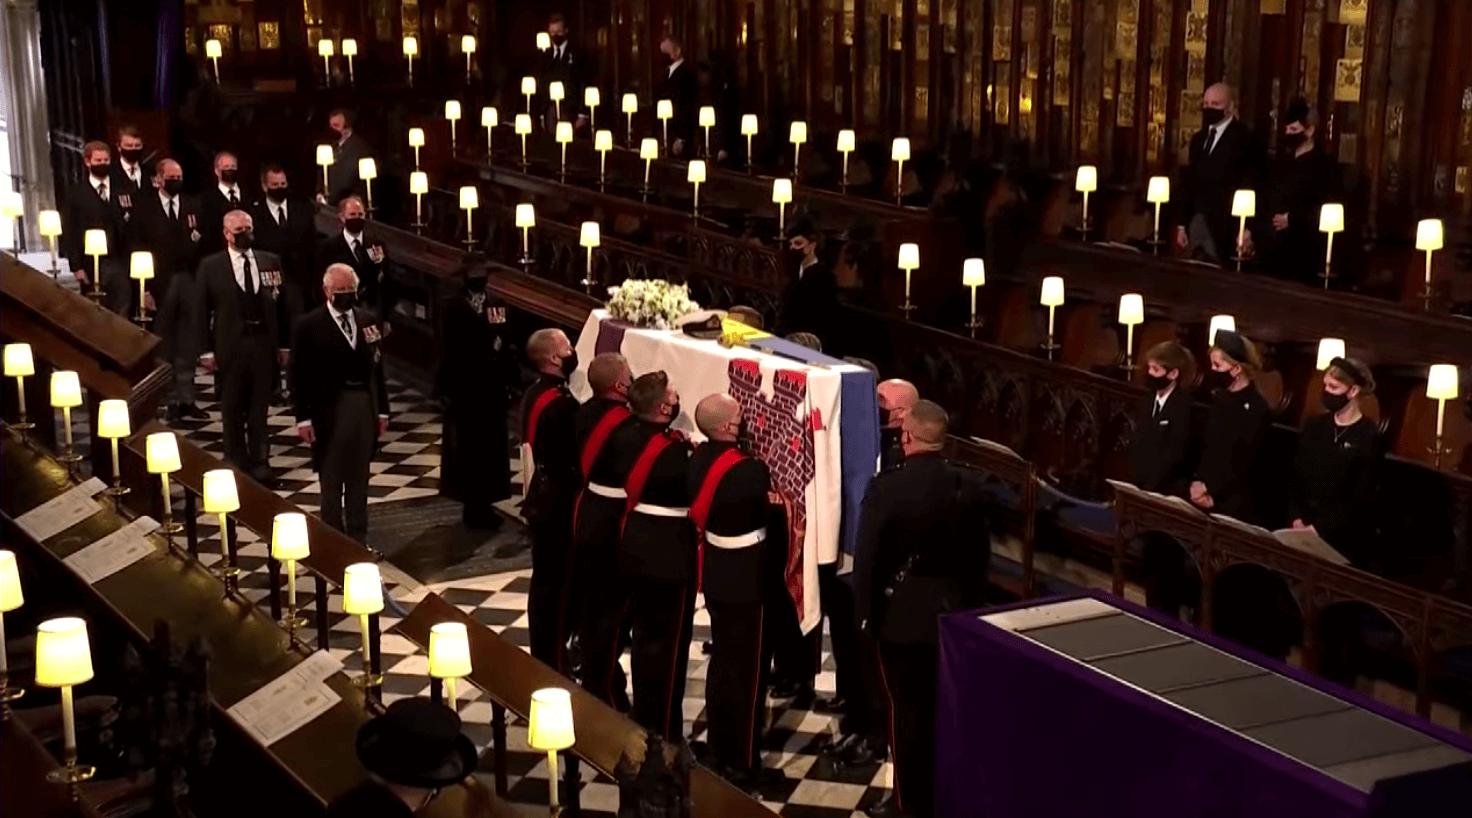 22:02靈柩移送至教堂內,葬禮儀式即將正式開始。英國全國默哀一分鐘。